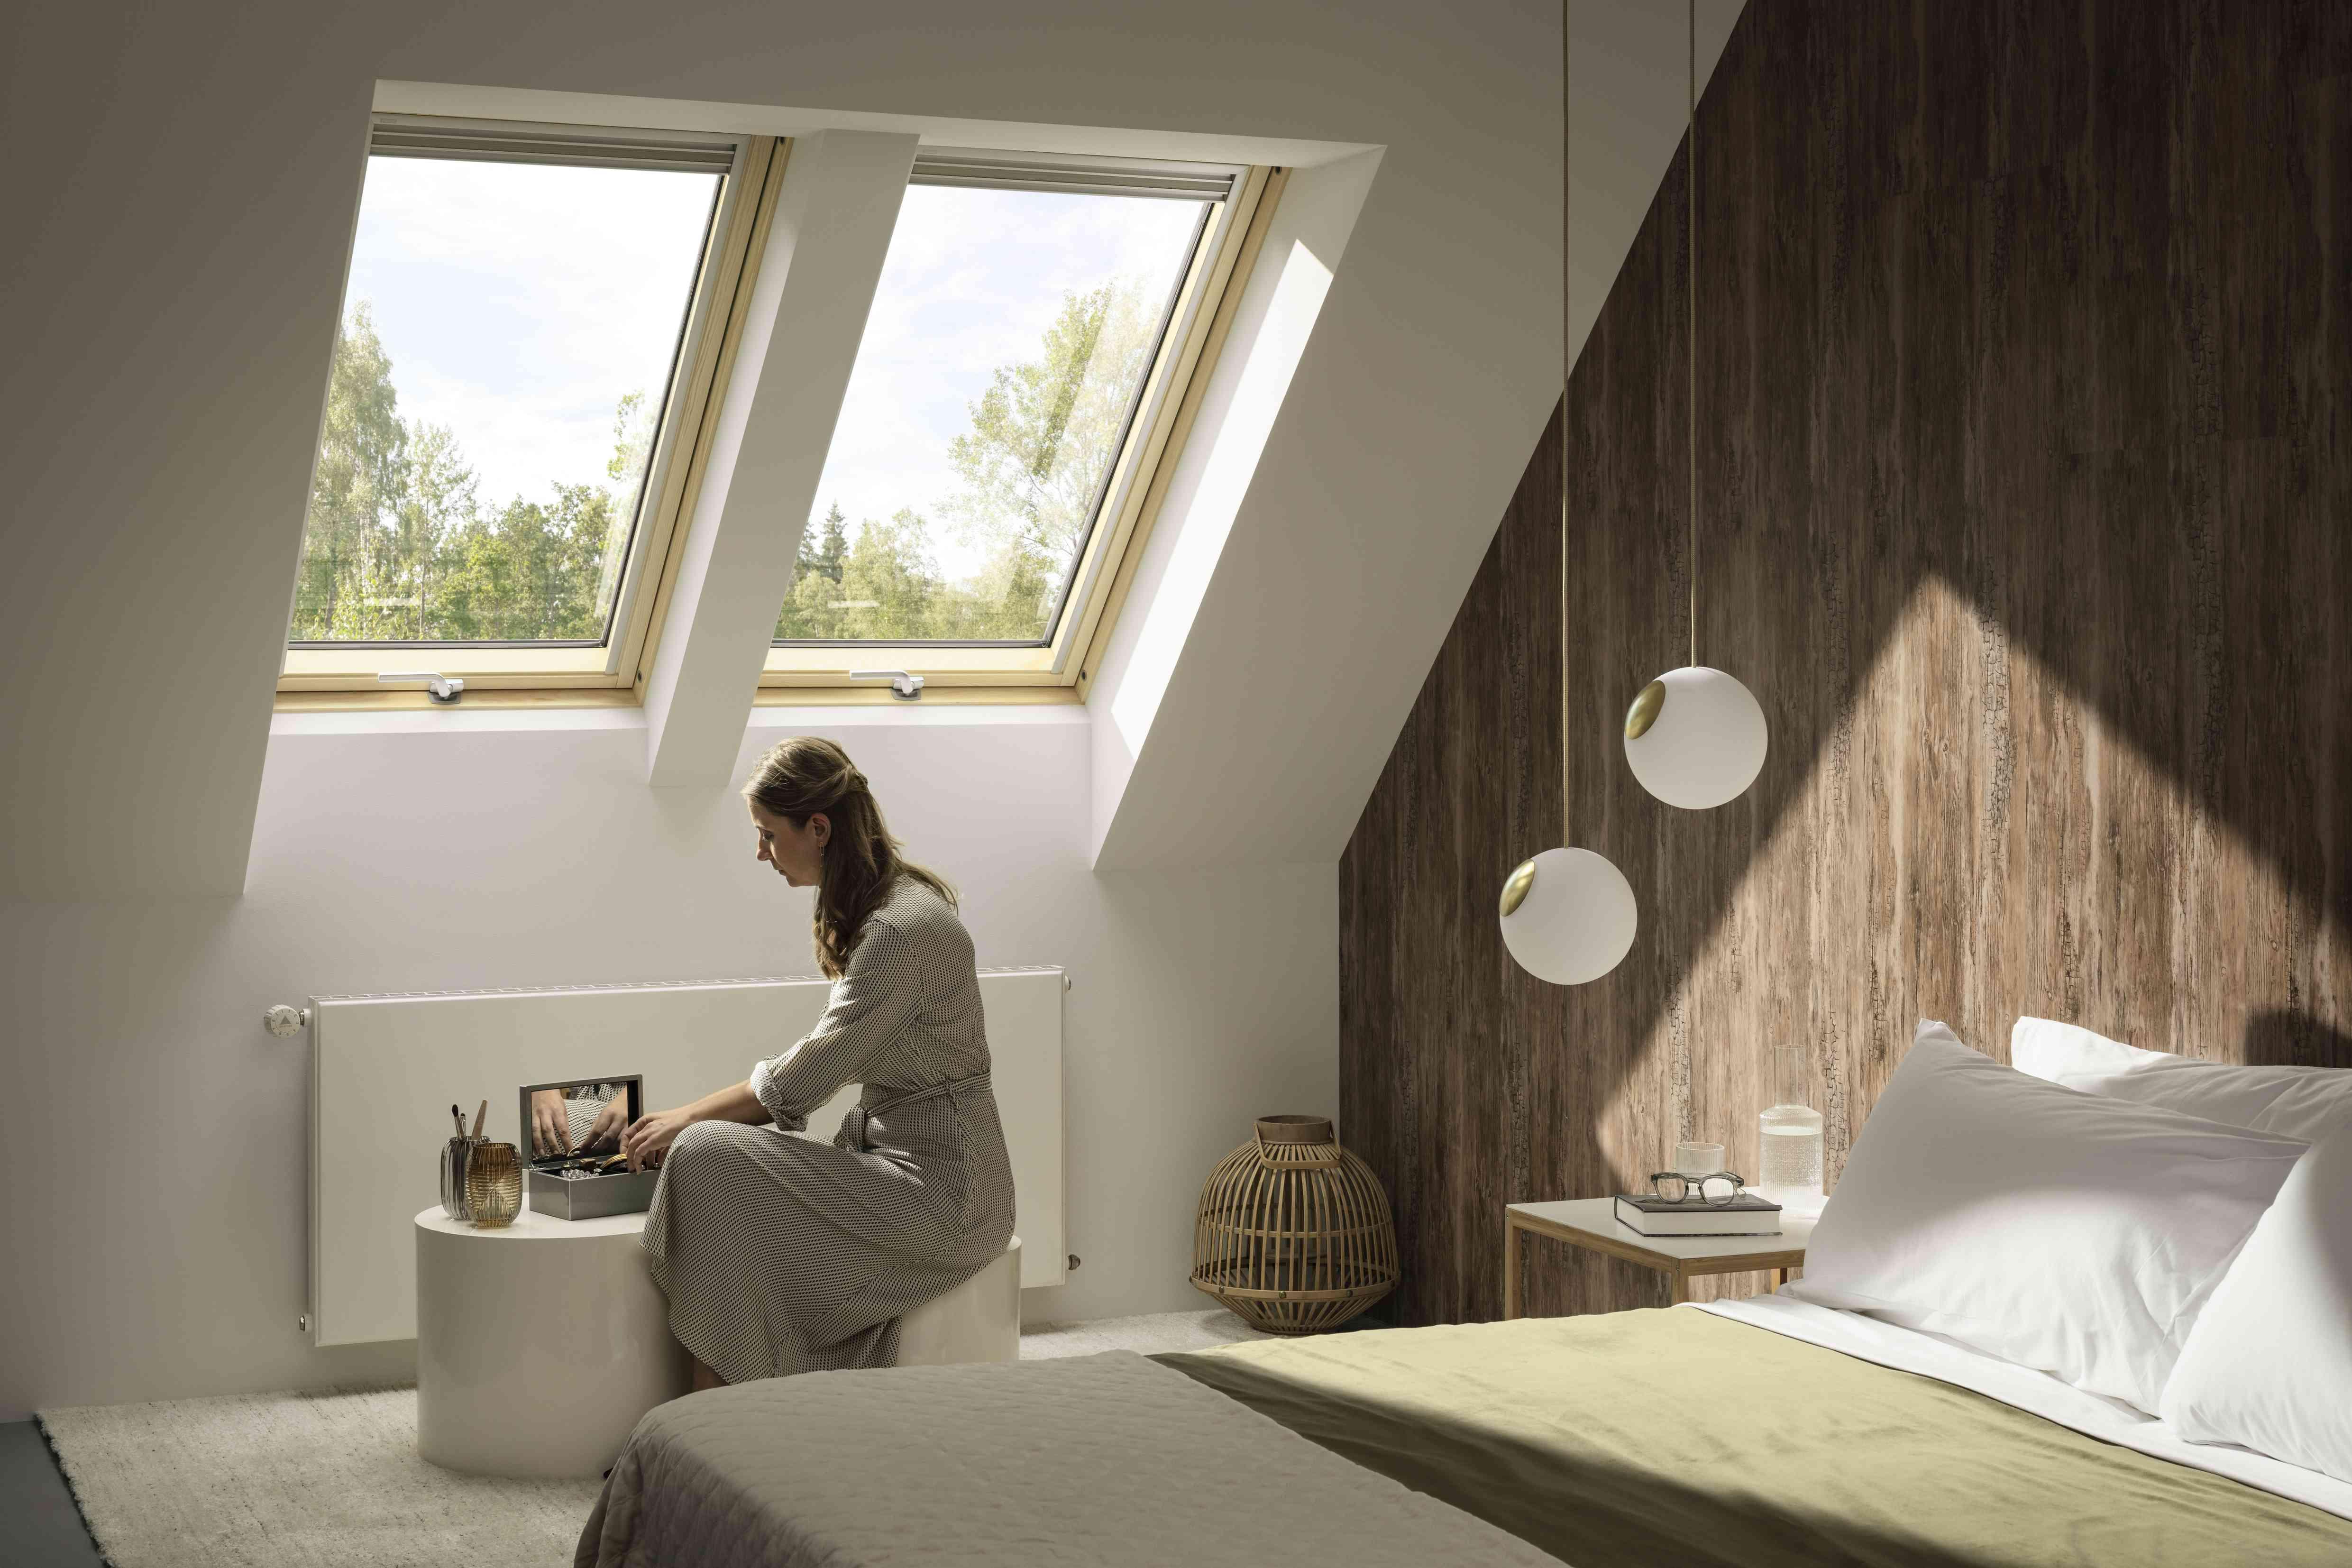 okna-dachowe-akcesoria-i-rozwiazania-sprzyjajace-zdrowiu